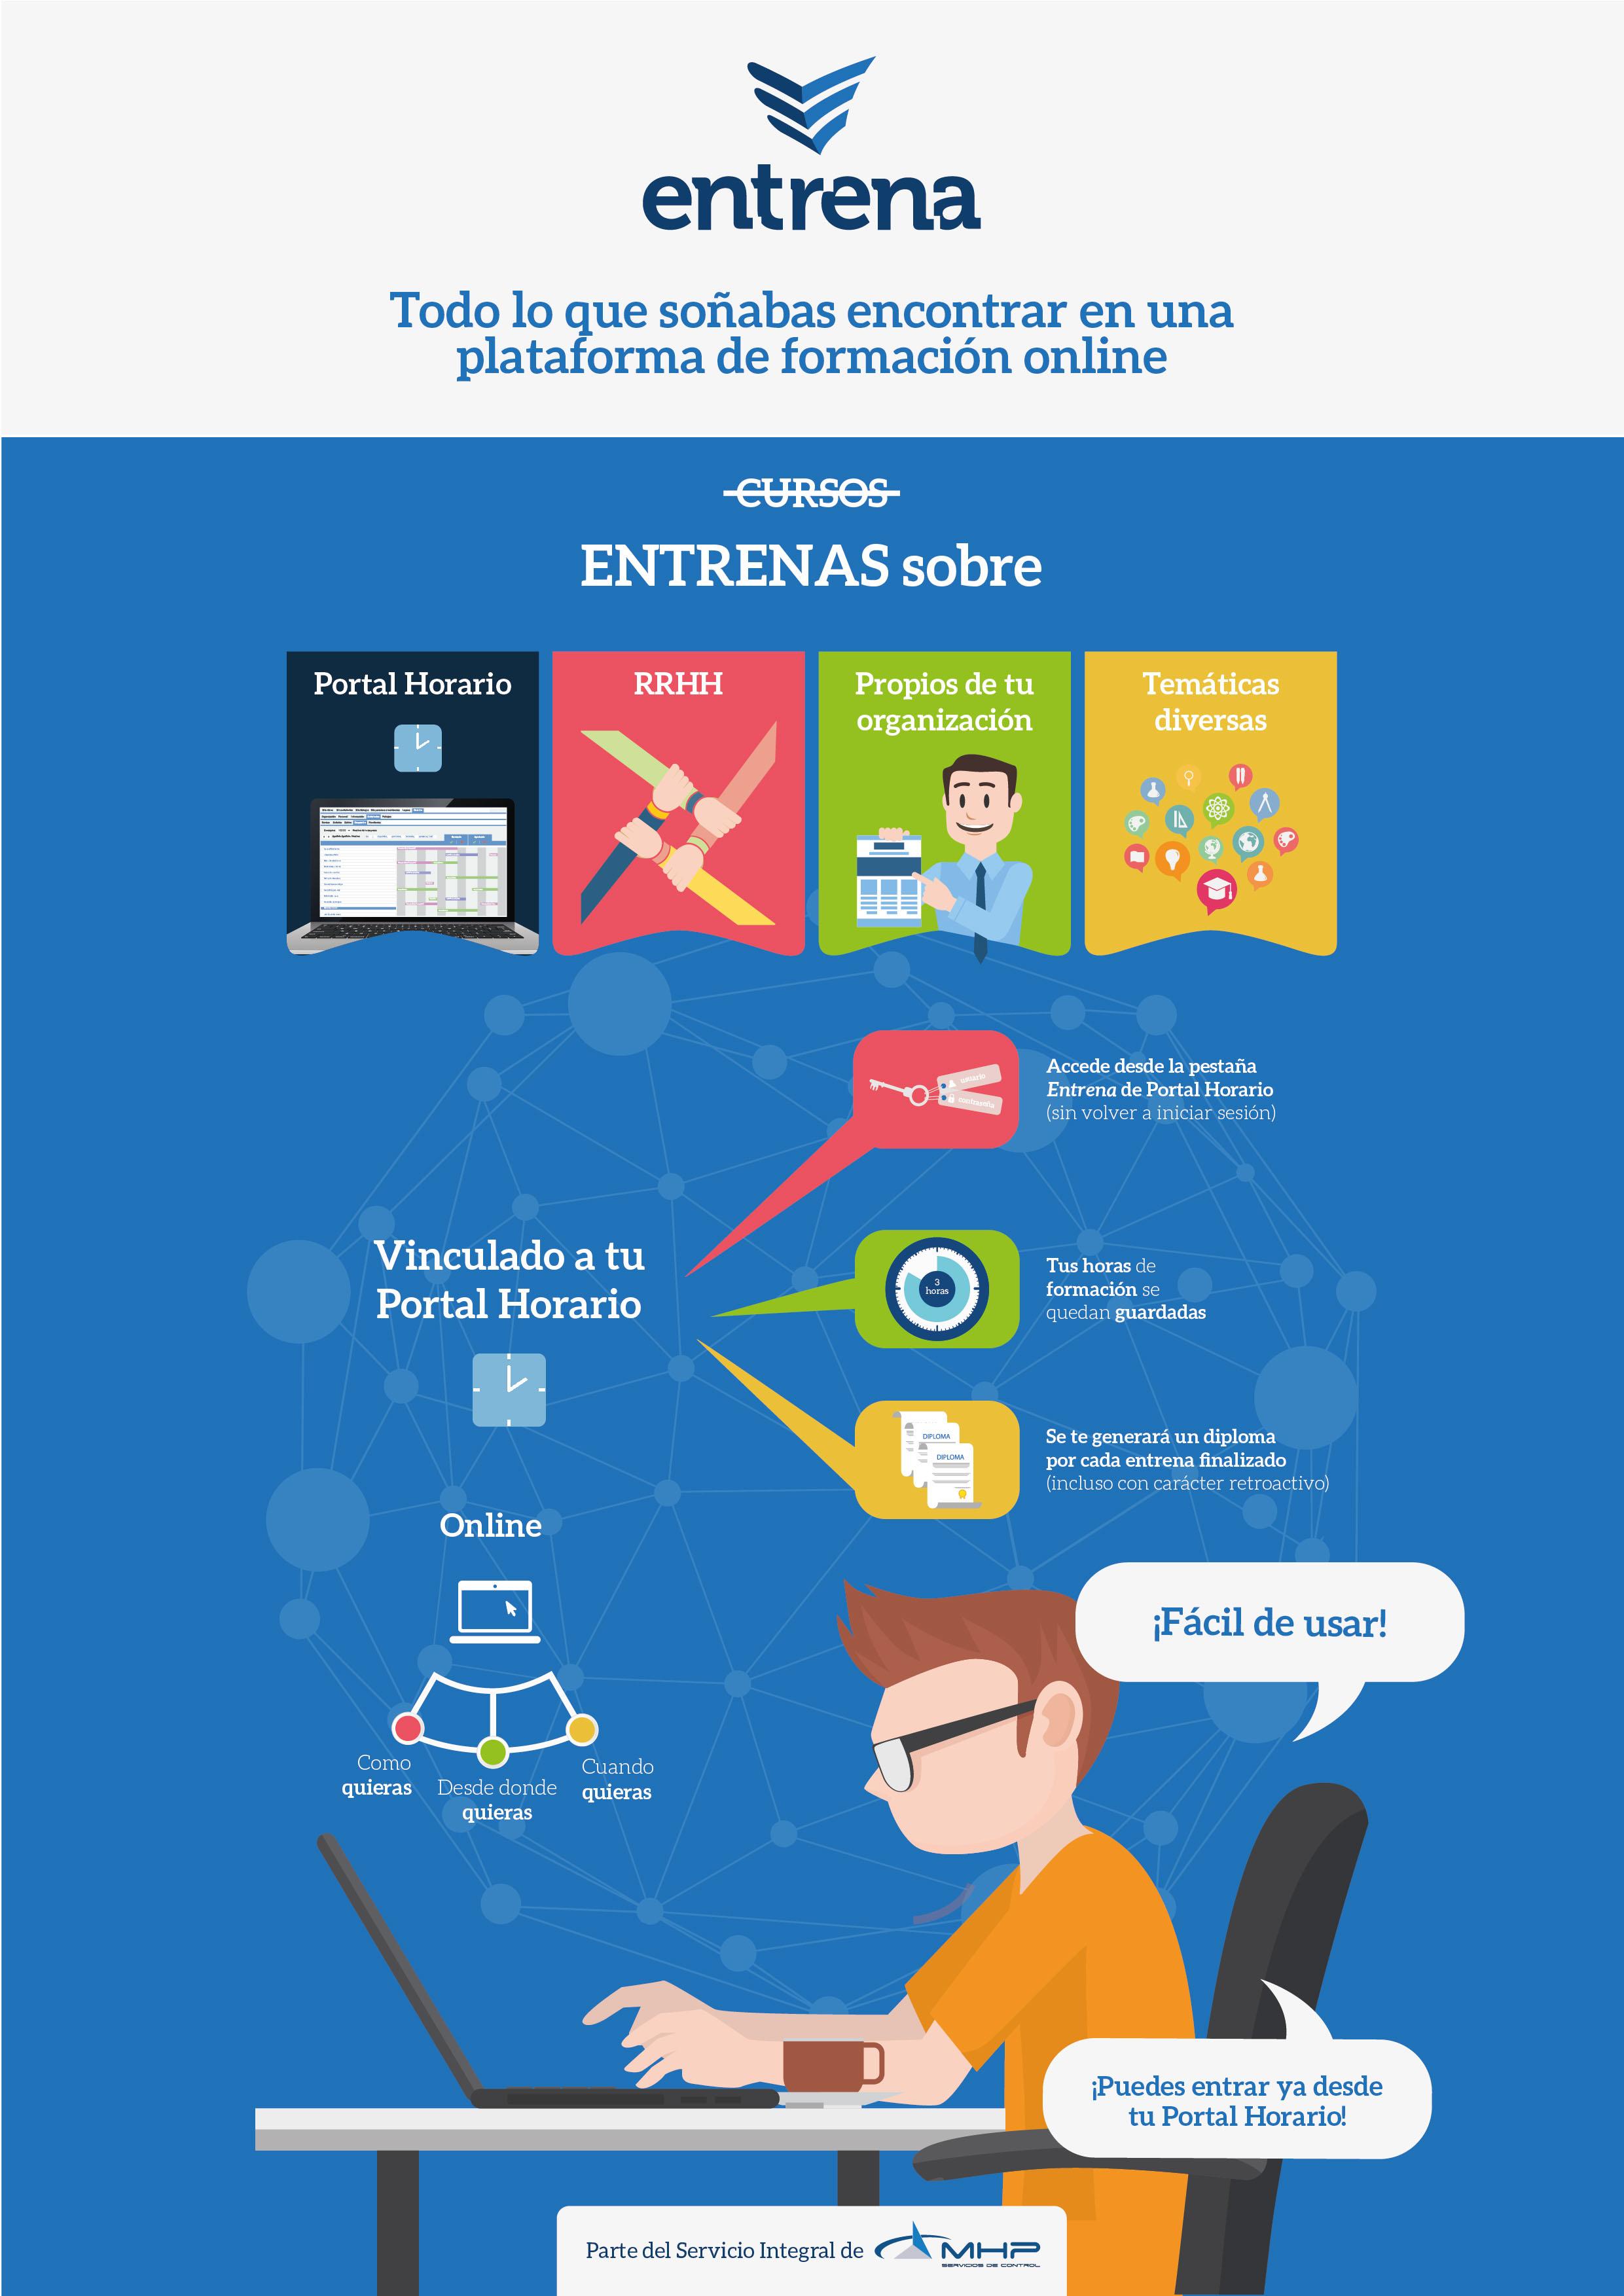 Infografía dirigida a usuarios de la Plataforma de Formación Online Entrena, parte del servicio ofrecido de MHP Servicios de Control